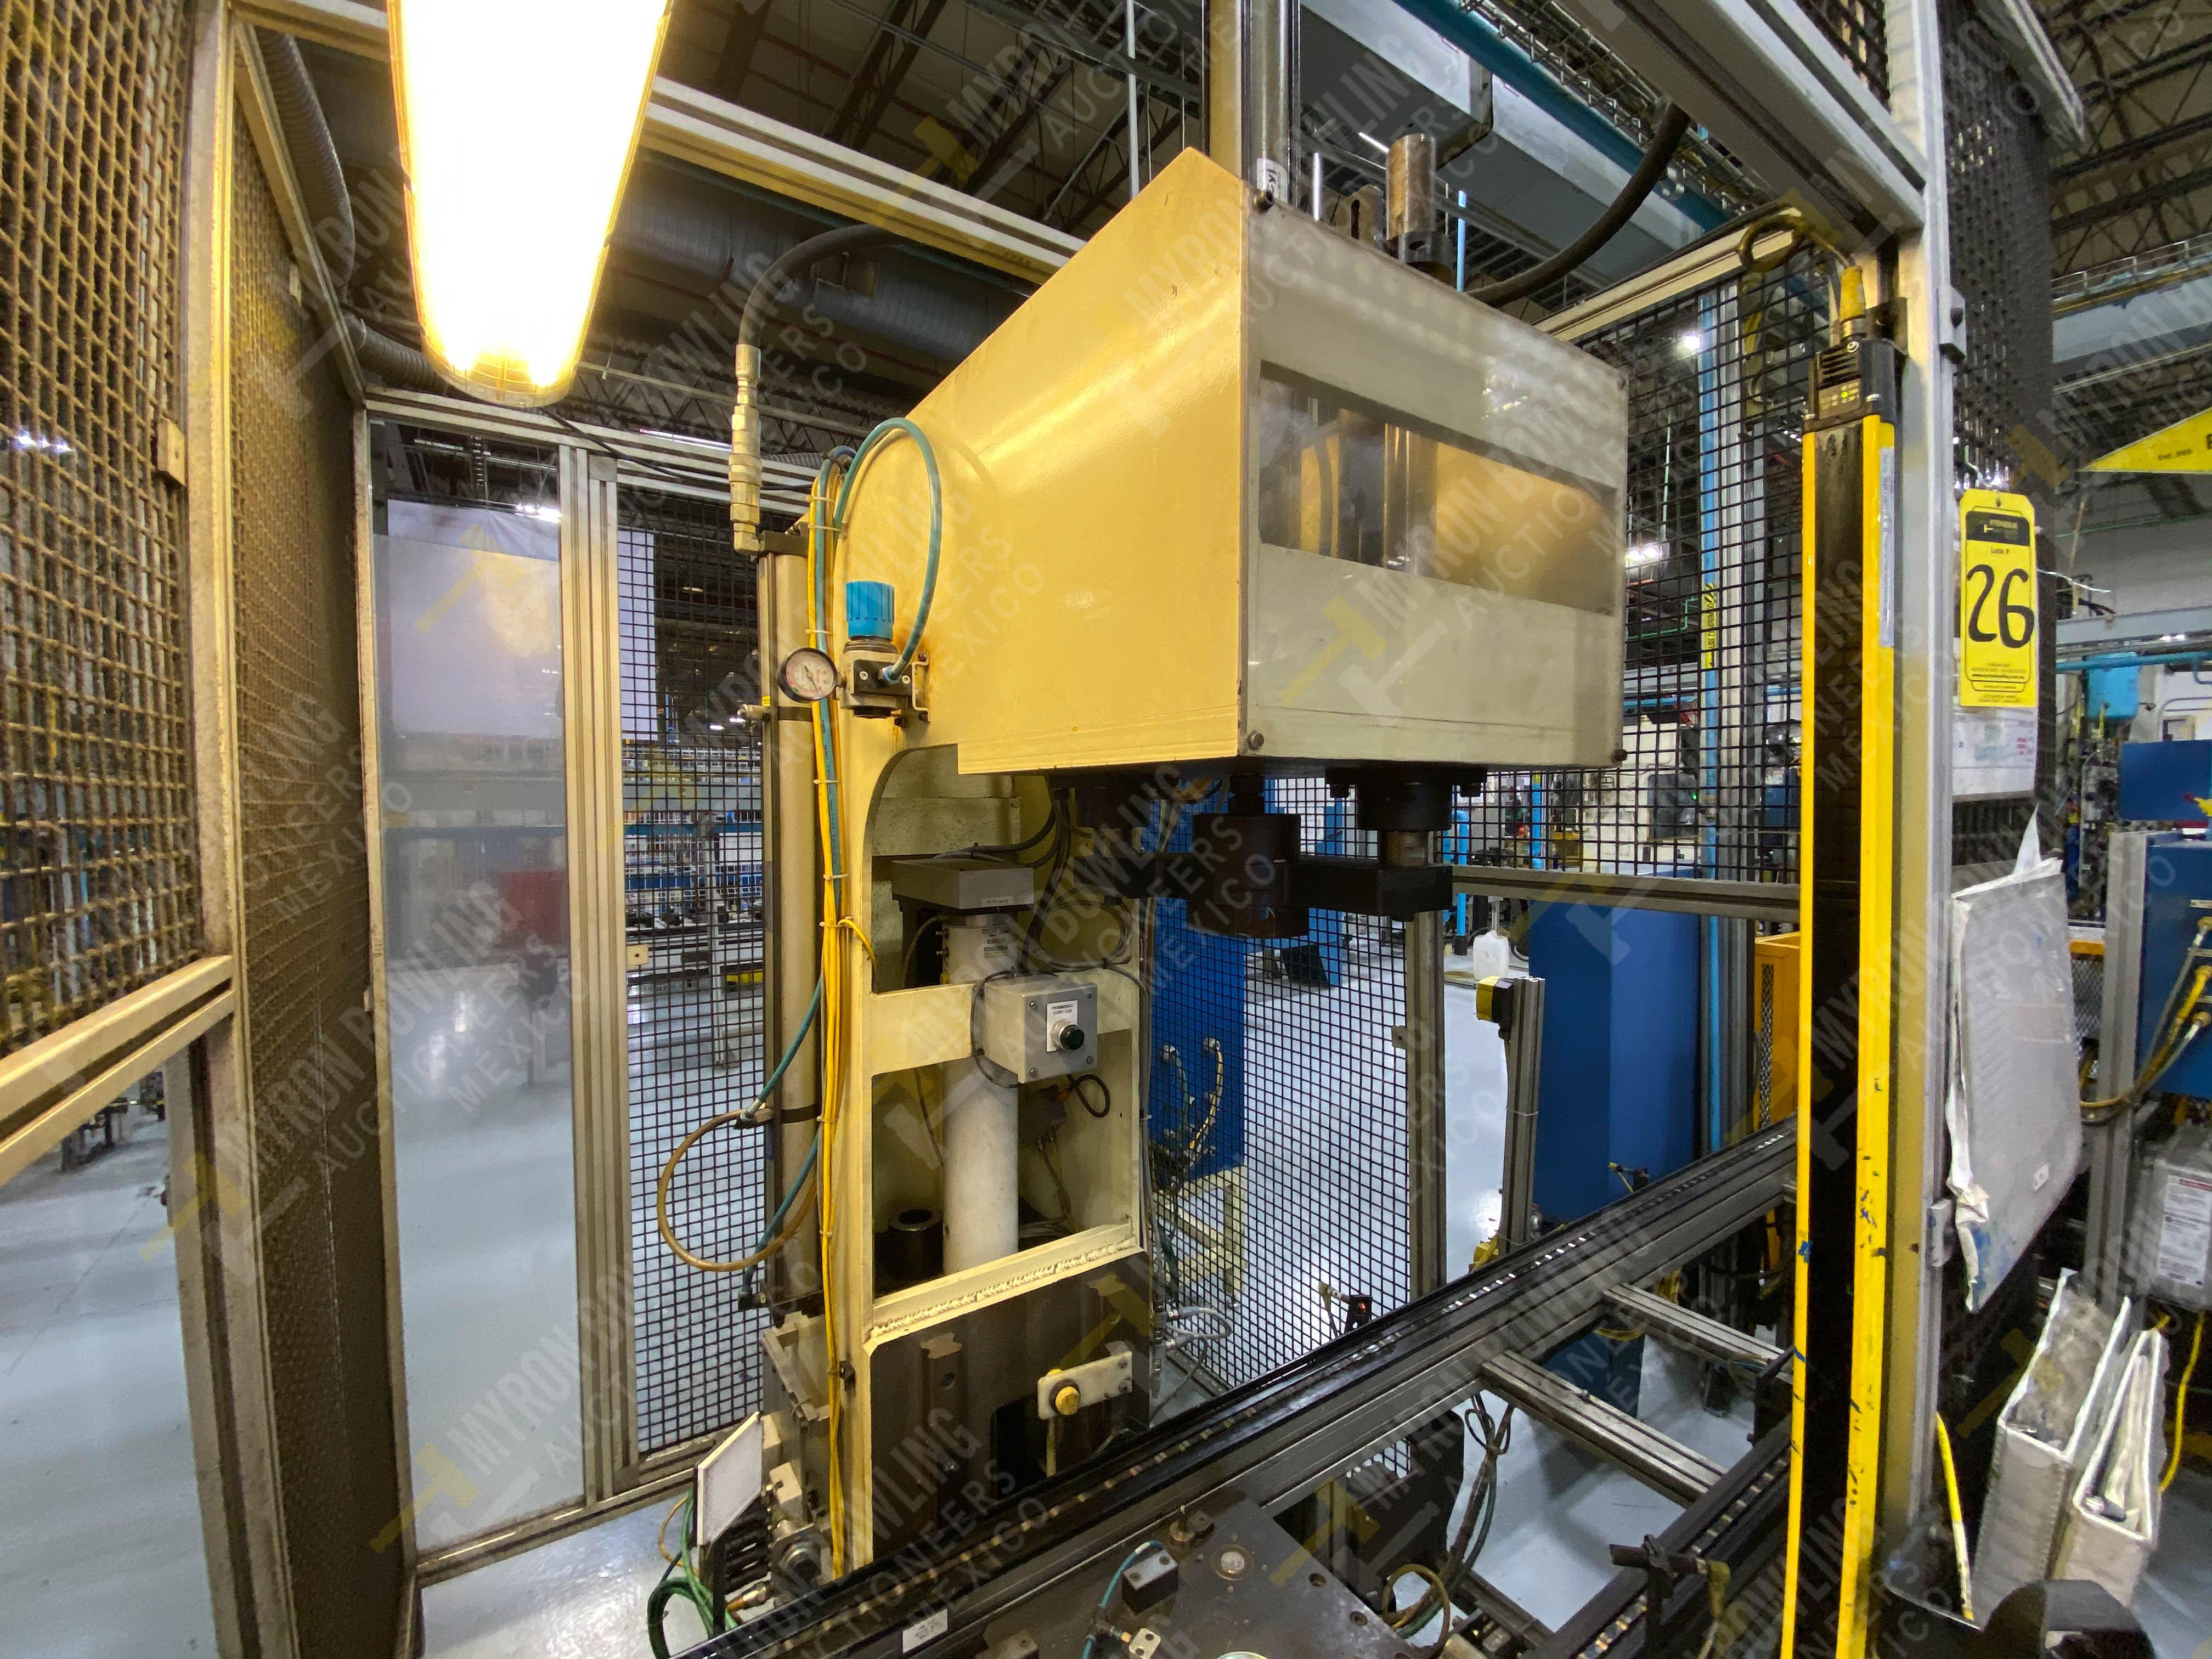 Estación manual para operación 383, contiene: Prensa marca PROMESS en estructura de placa de acero - Image 9 of 27